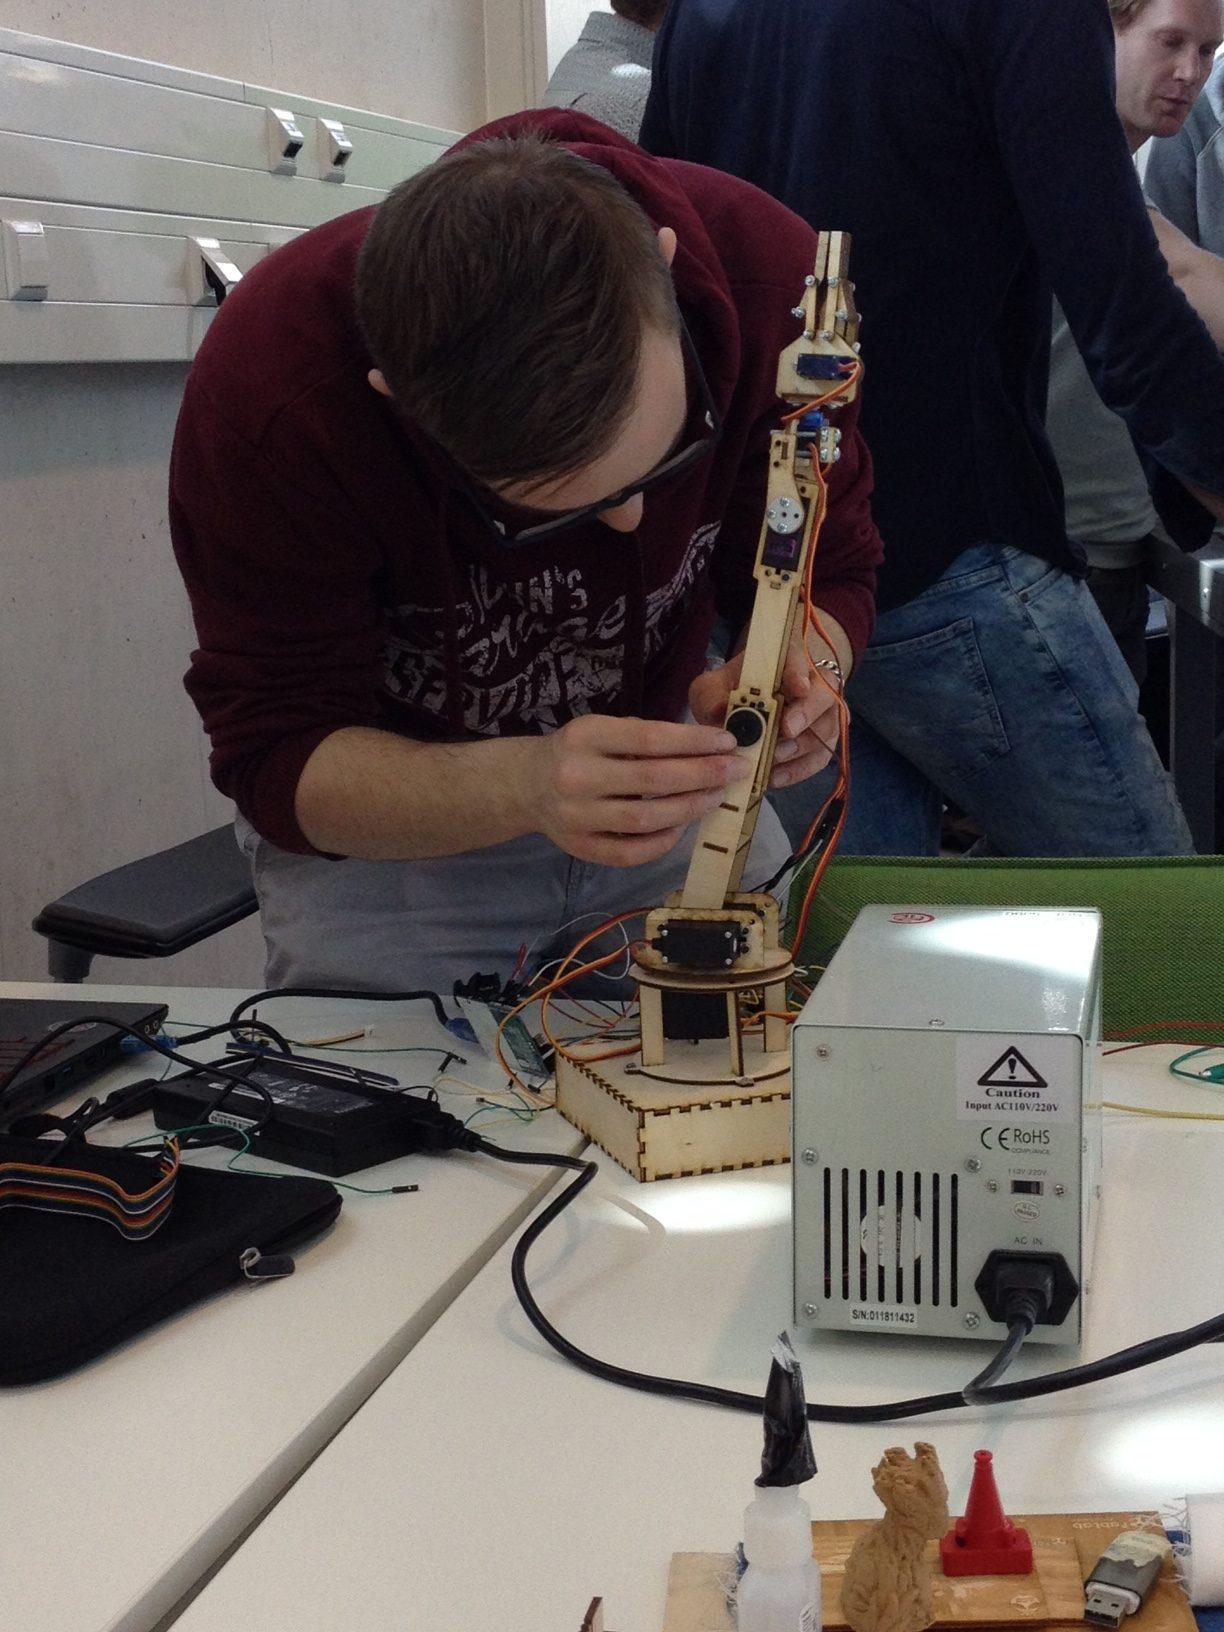 Student elektrotechniek werkt aan Robotic Arm